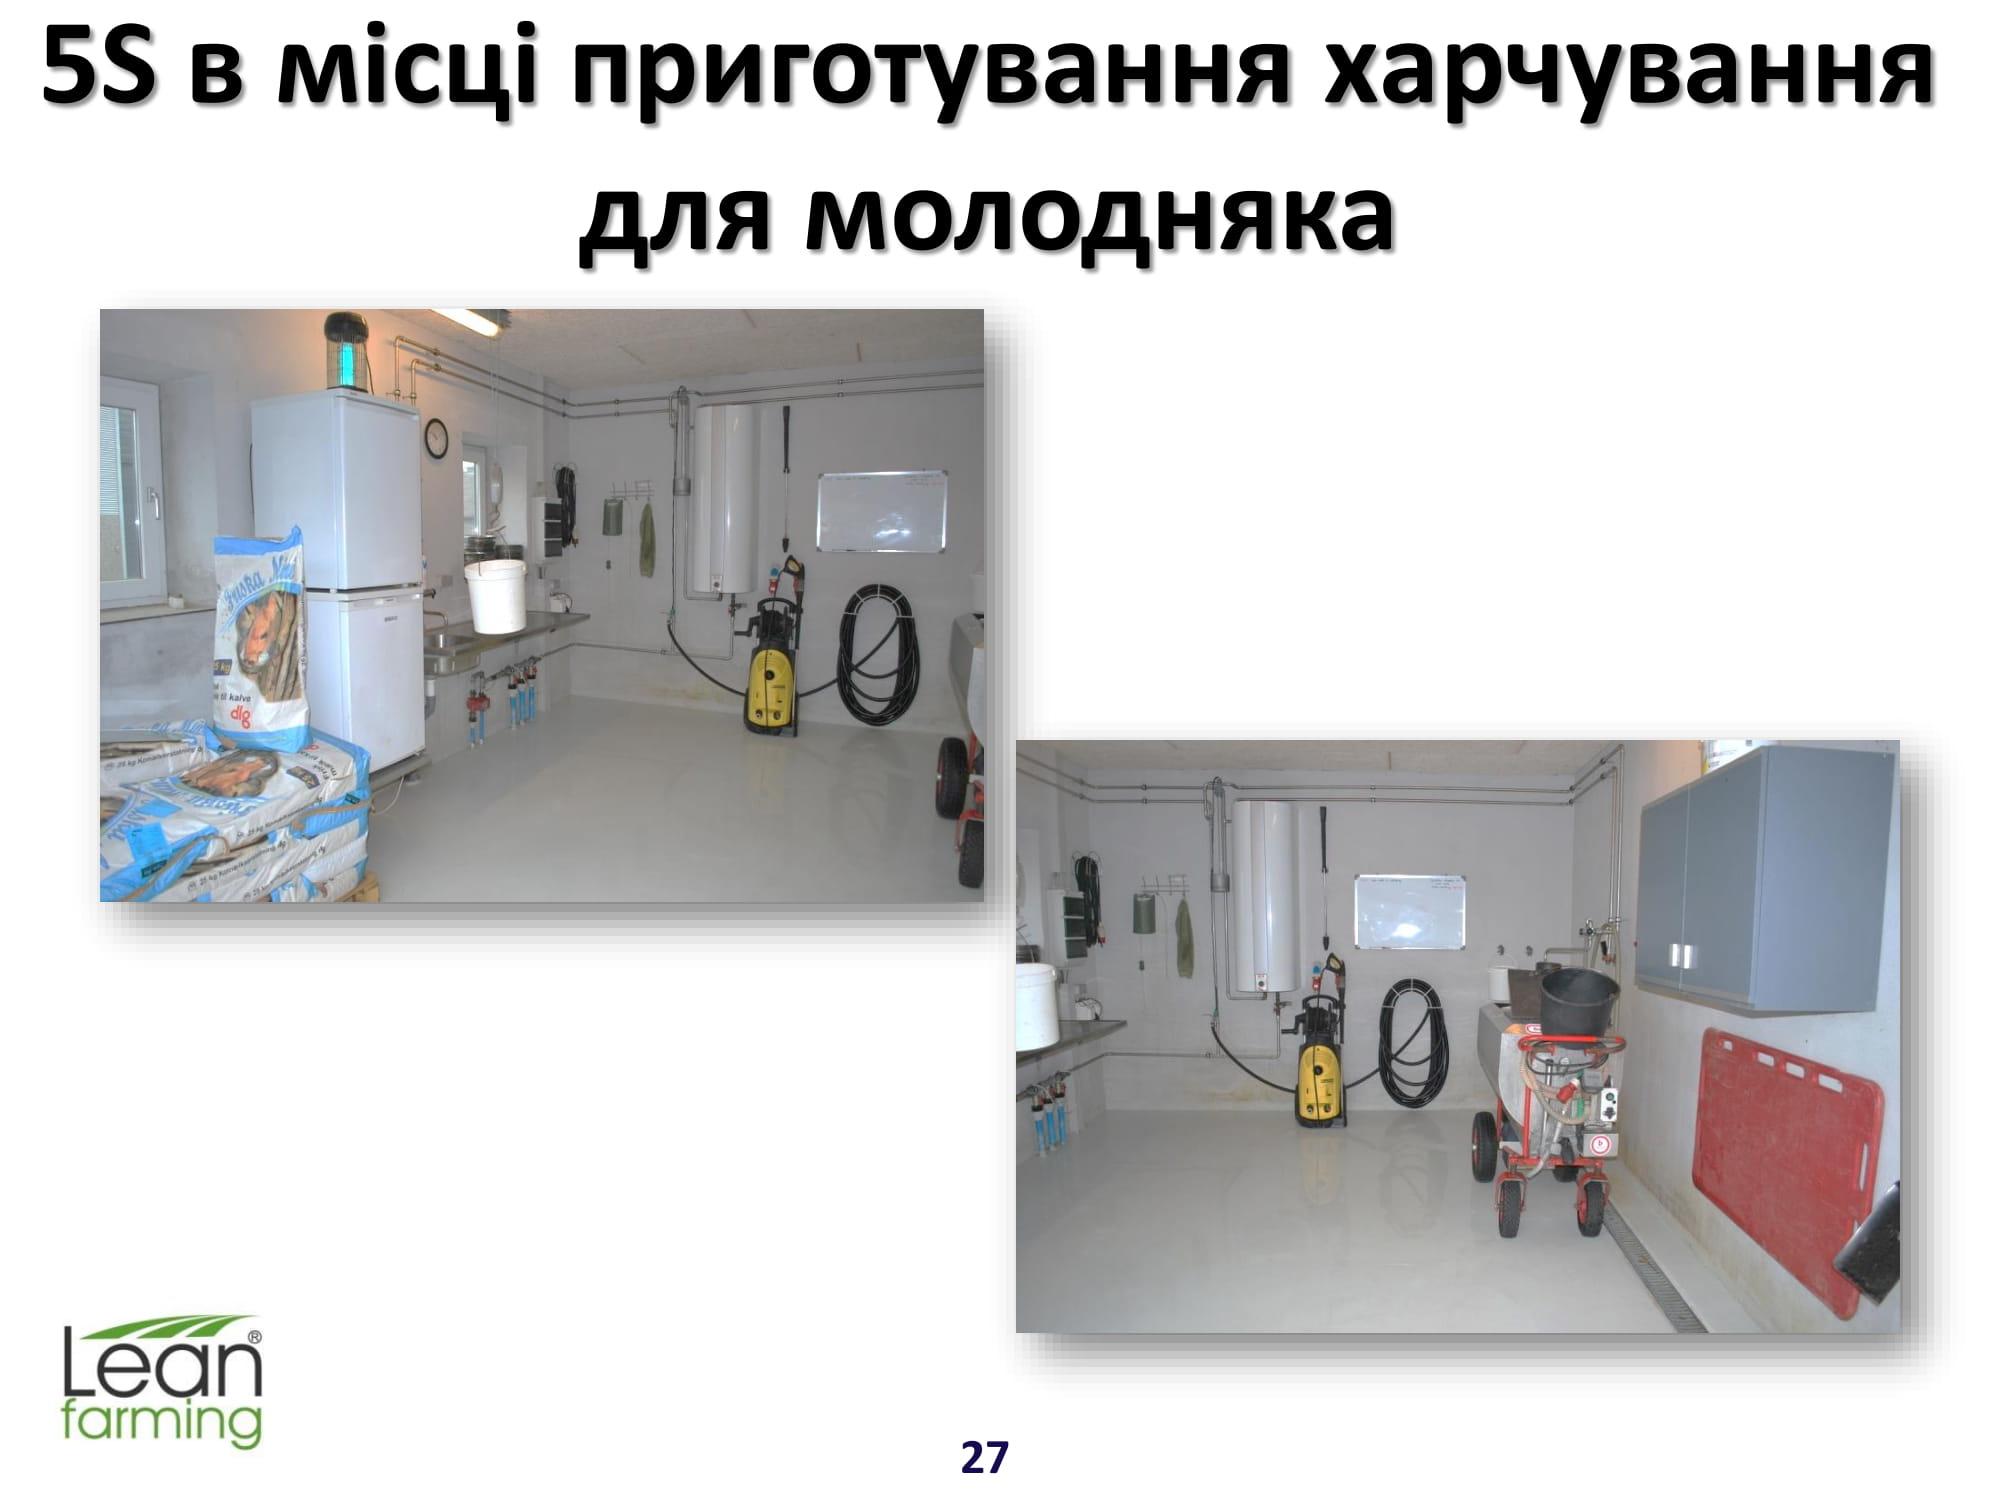 Romantsov Roman Oshhadlyve Fermerstvo 15 03 18 27